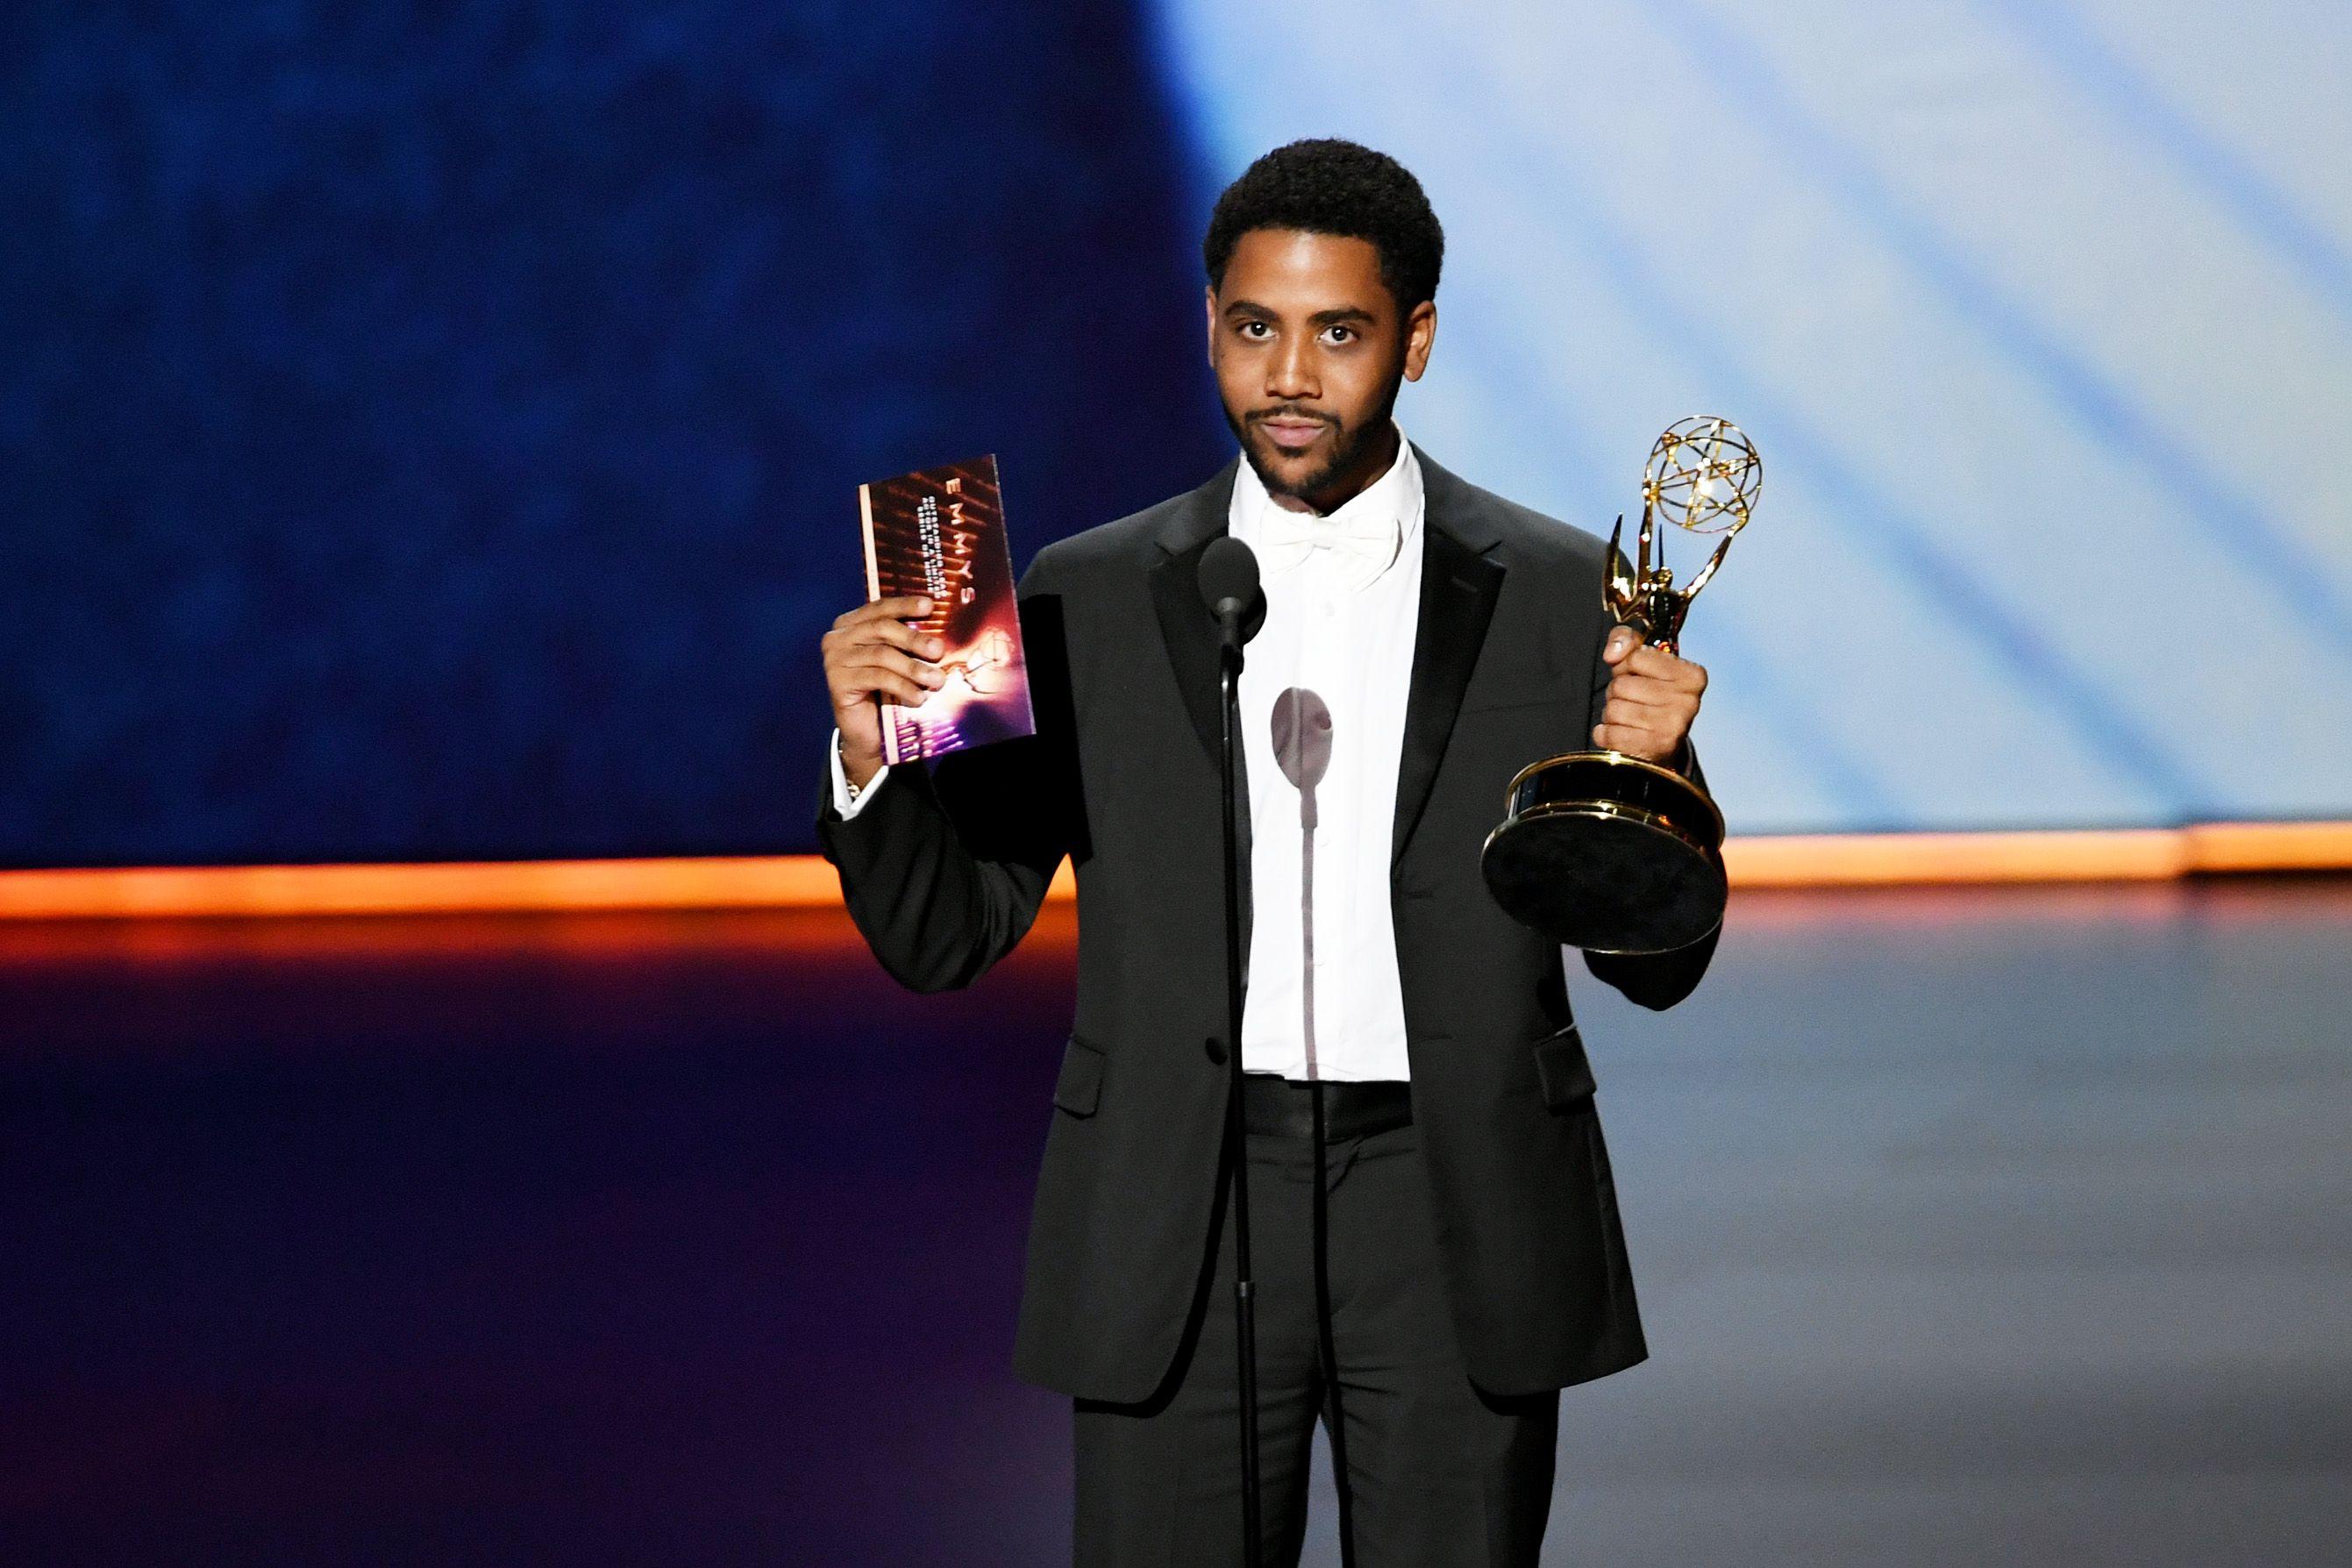 Actor de origen dominicano Jharrel Jerome se lleva un Emmy por